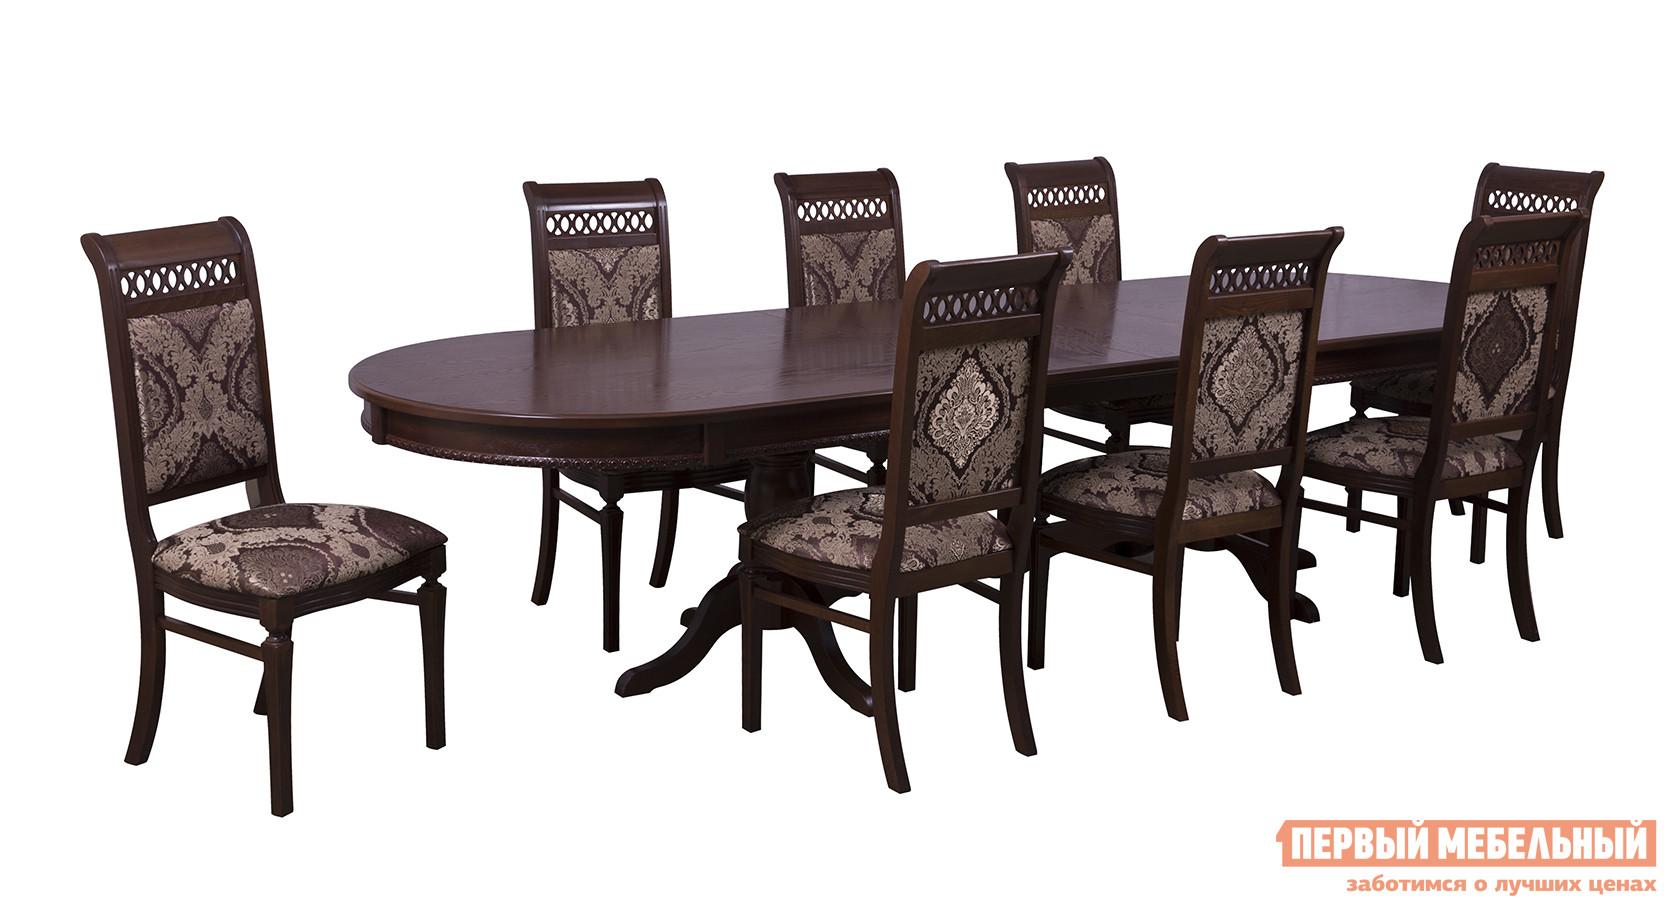 Обеденная группа для столовой и гостиной Mebwill Стол Верона + 8 стульев Флоренция 1